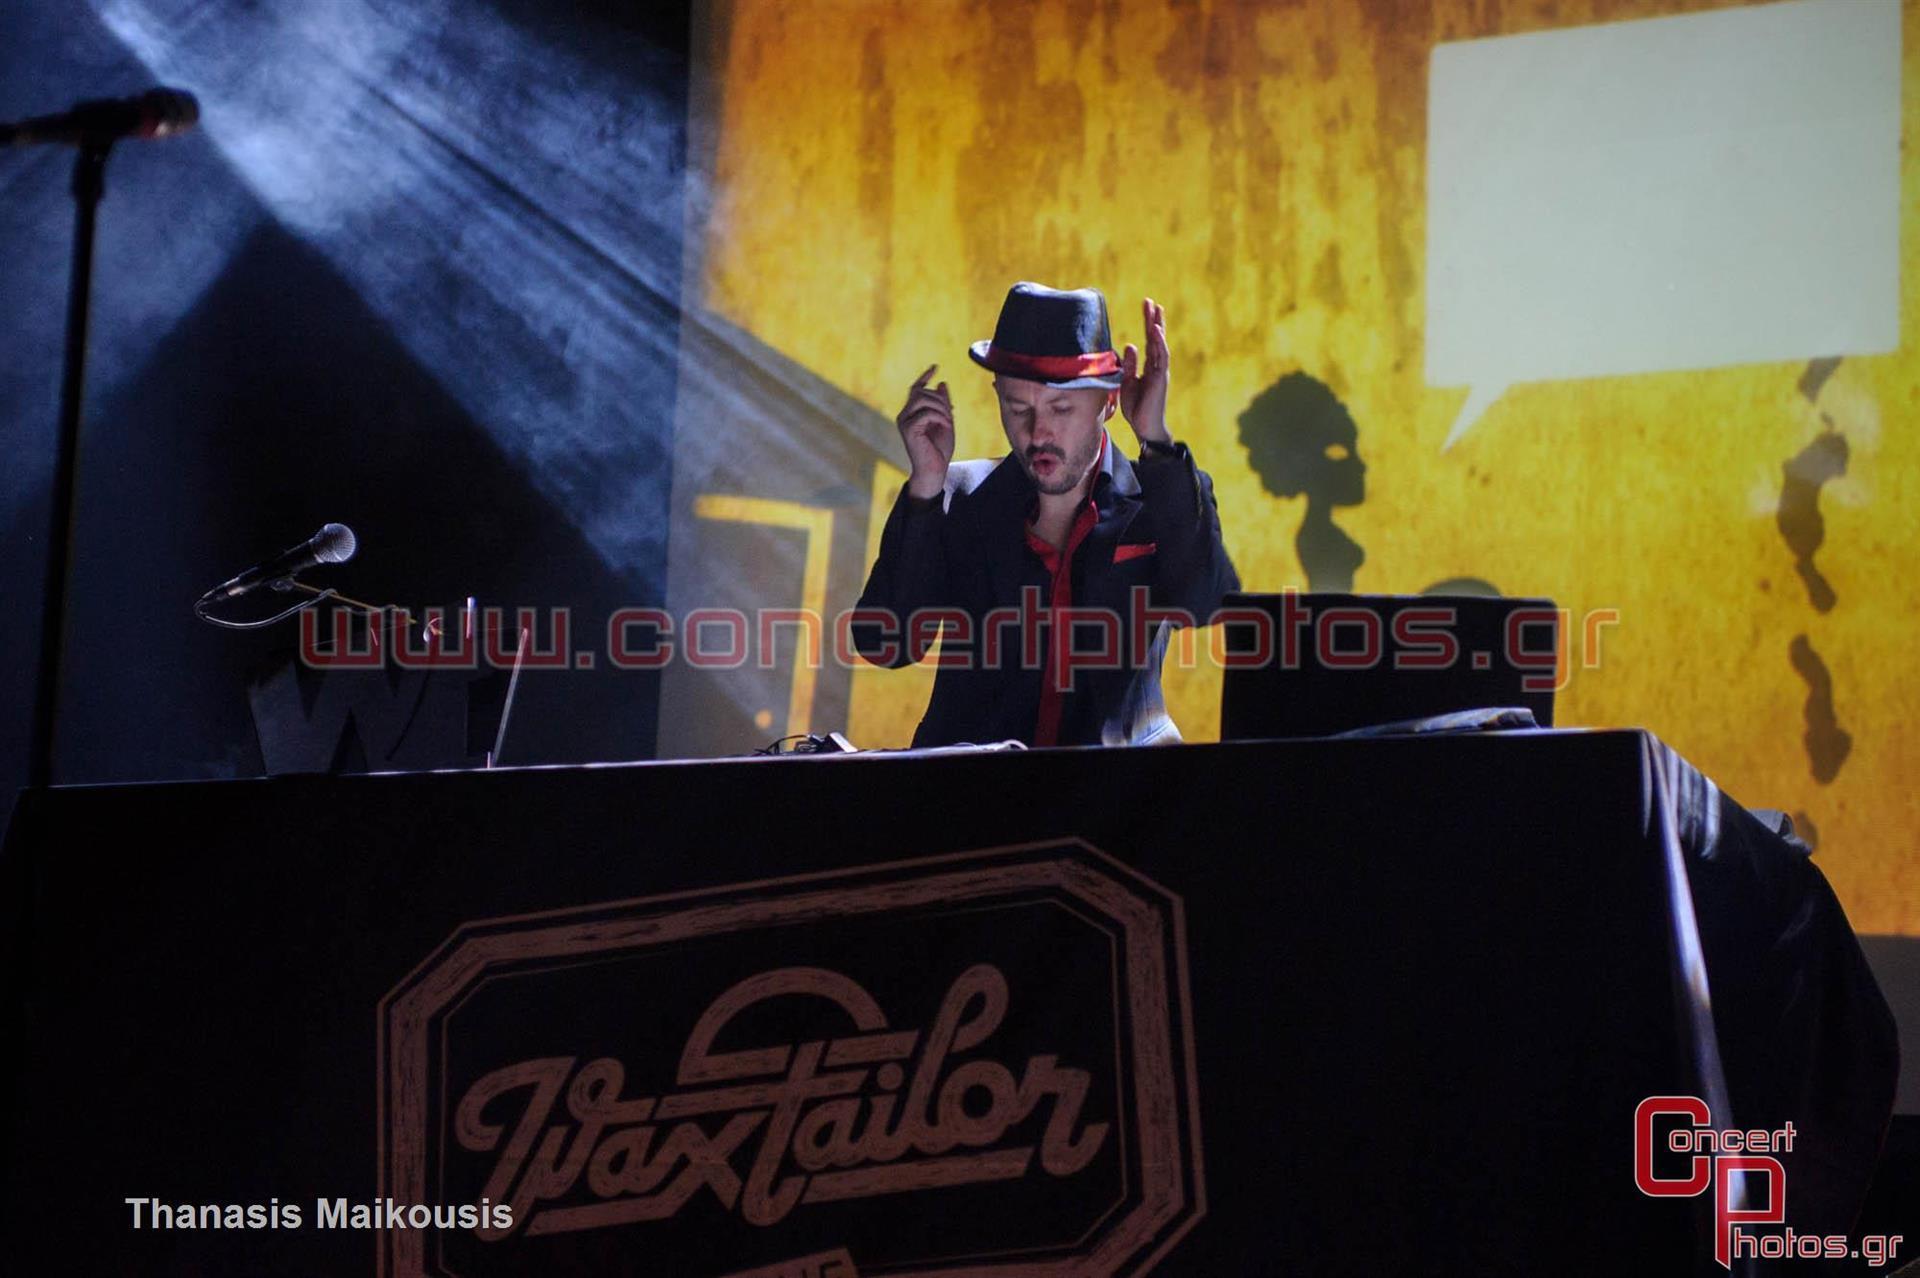 Wax Tailor - photographer: Thanasis Maikousis - ConcertPhotos-7605